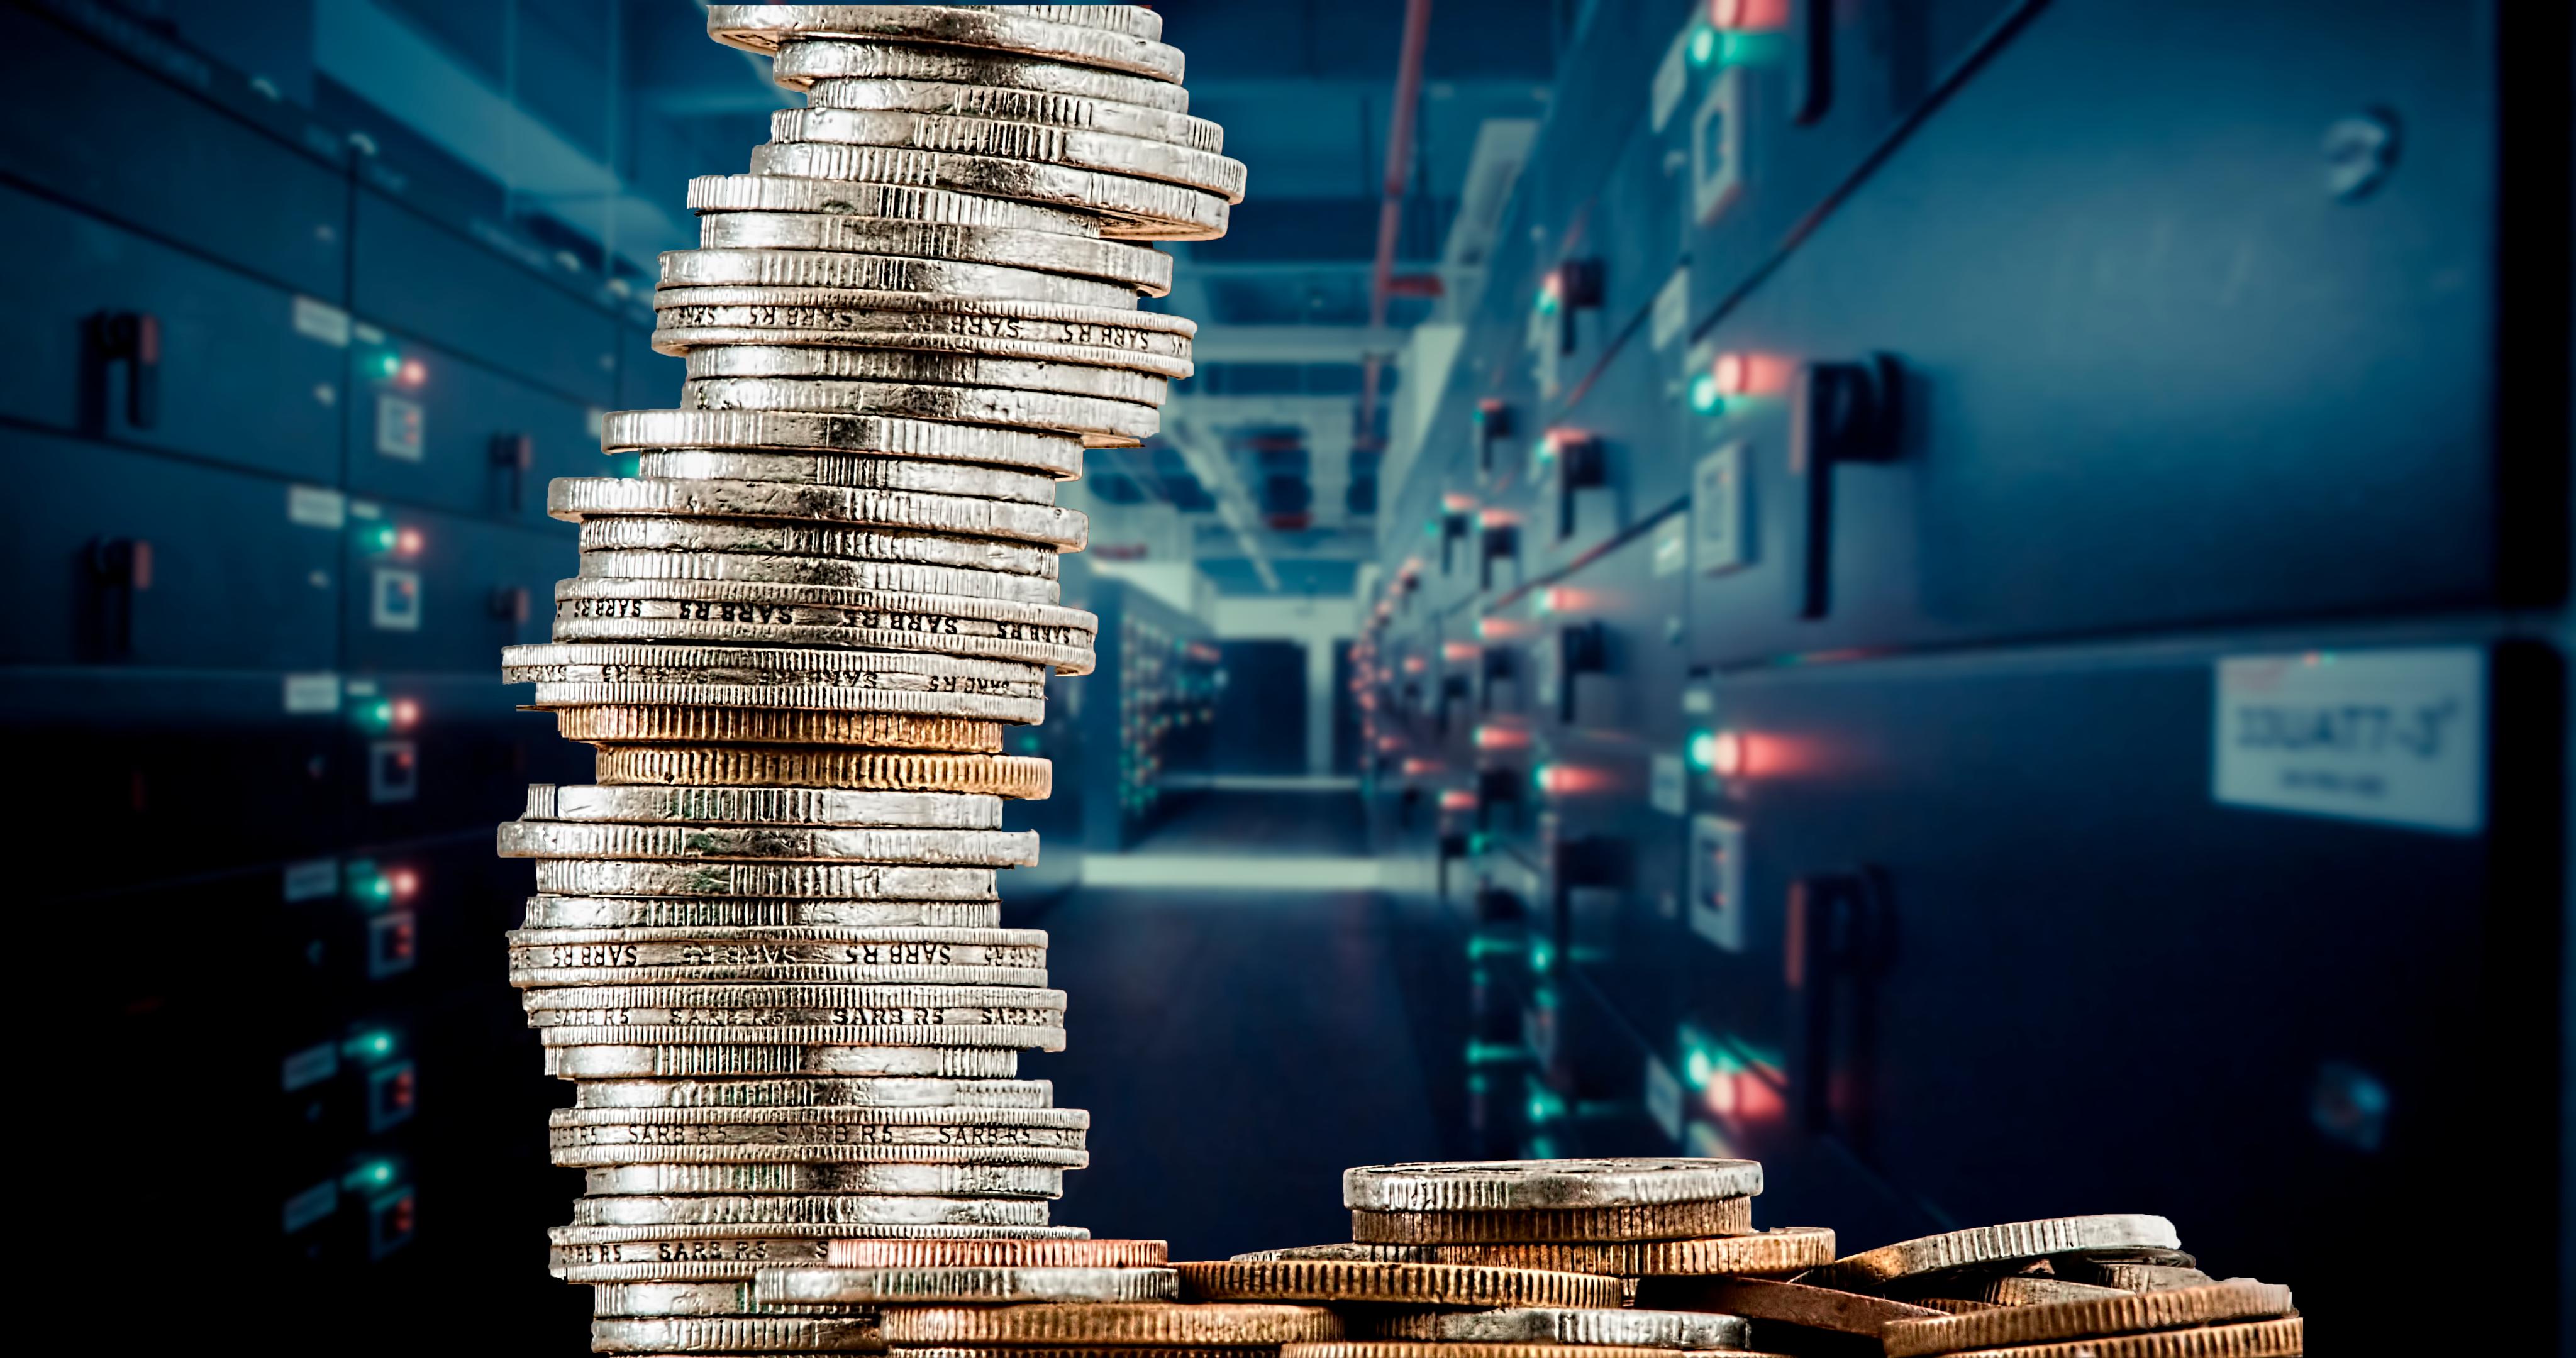 Money hidden in the datacenter - unlock savings